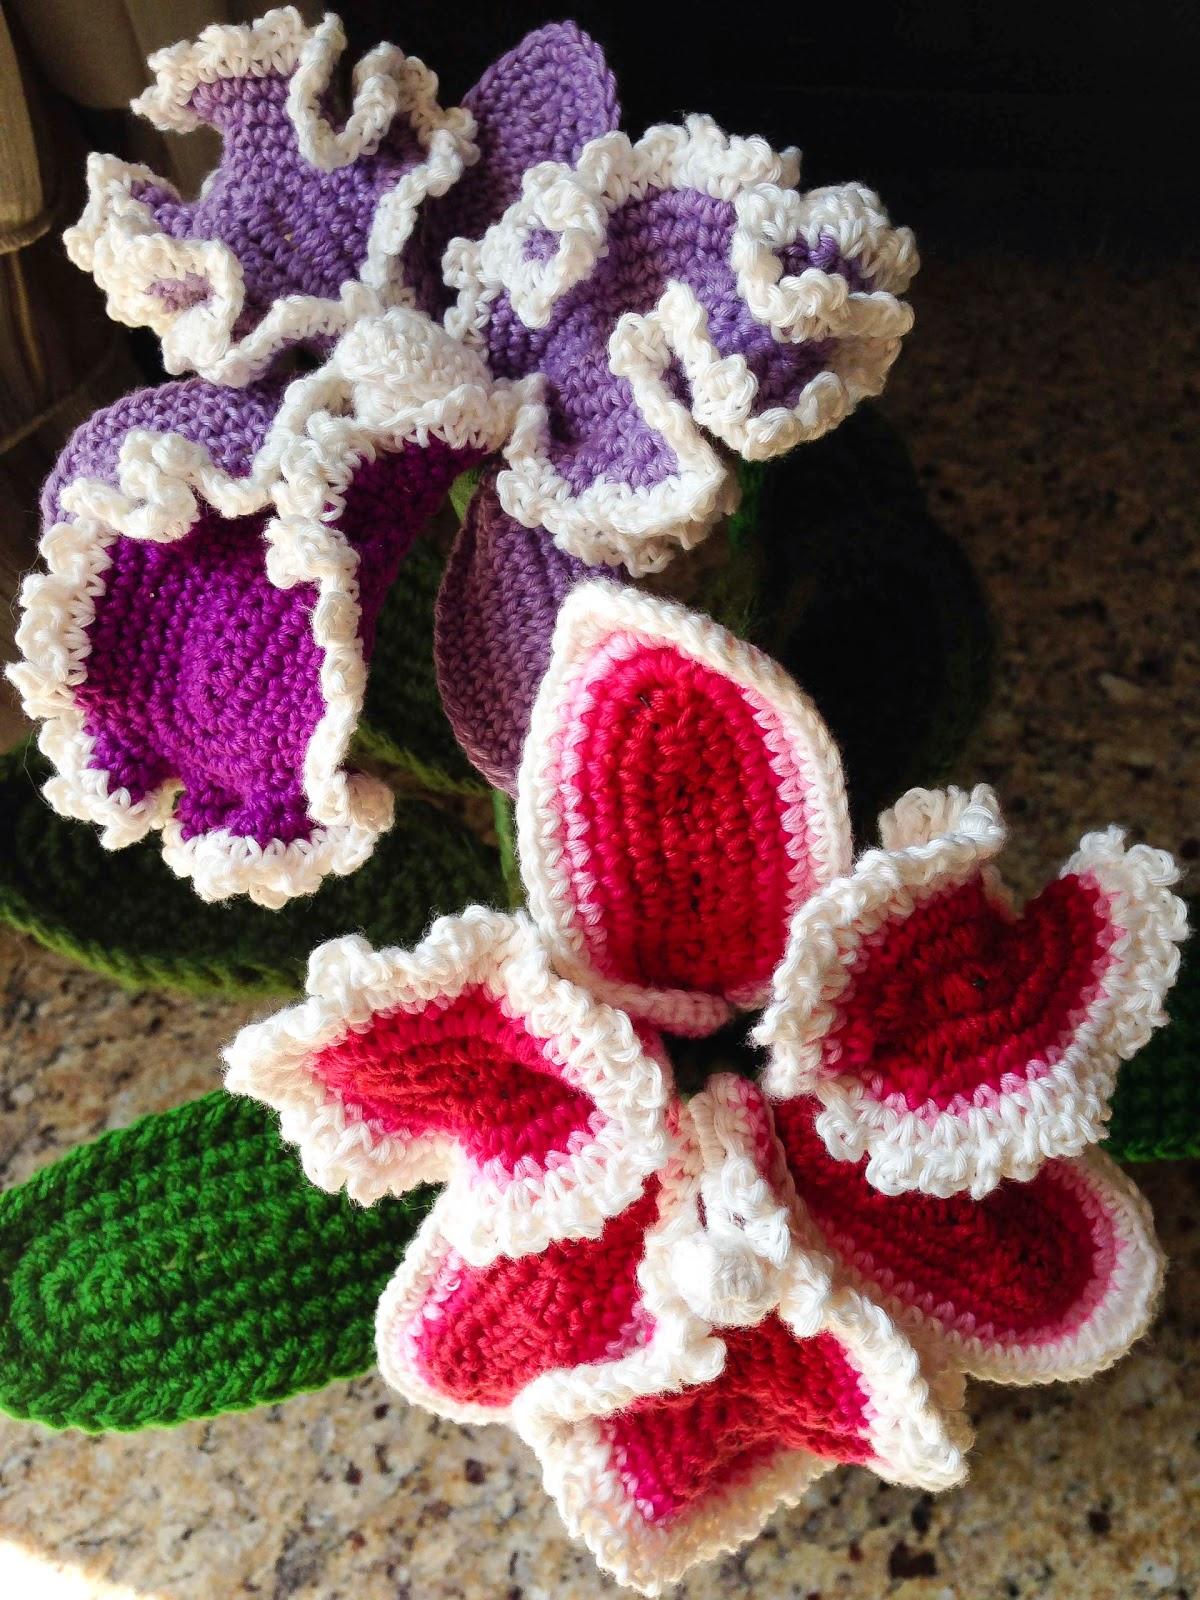 crochet rockstar: October 2013